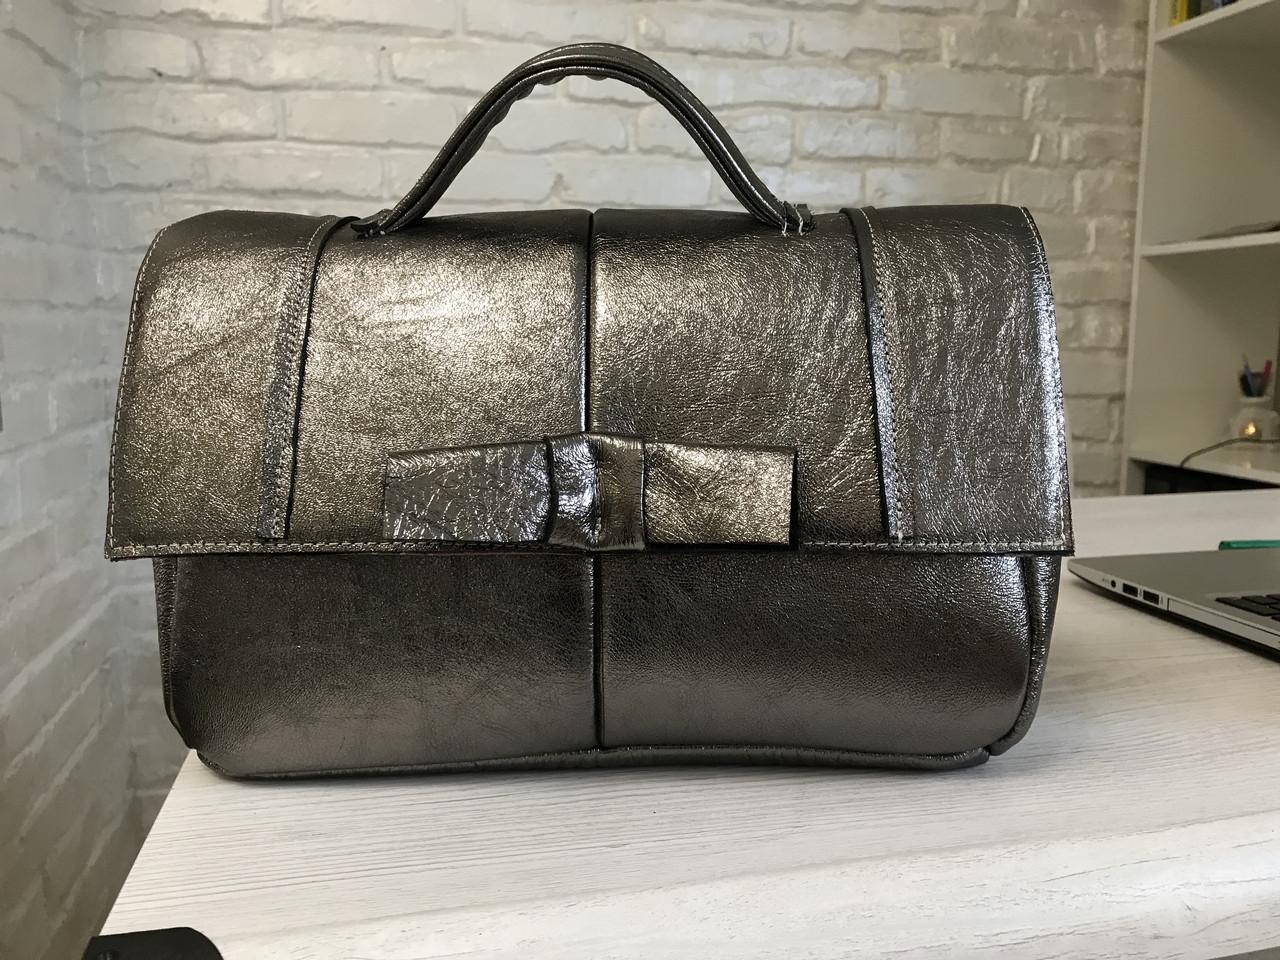 Кожаная женская сумка. Шкіряна жіноча сумка.  продажа 2d212f053ec6e